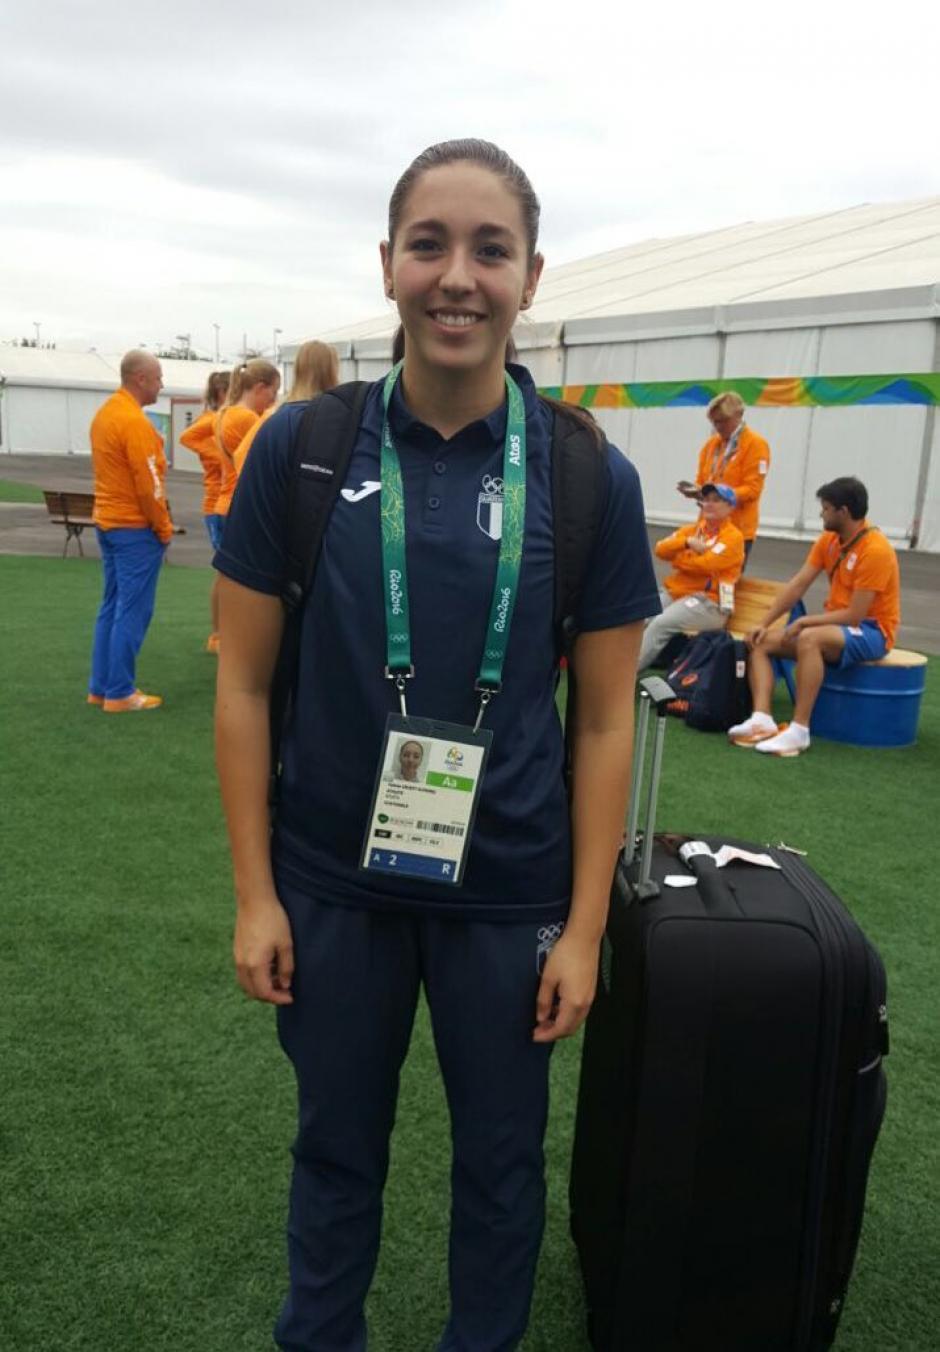 Valerie, de 17 años, competirá en las pruebas de 400 y 800 metros libres. (Foto: COG)